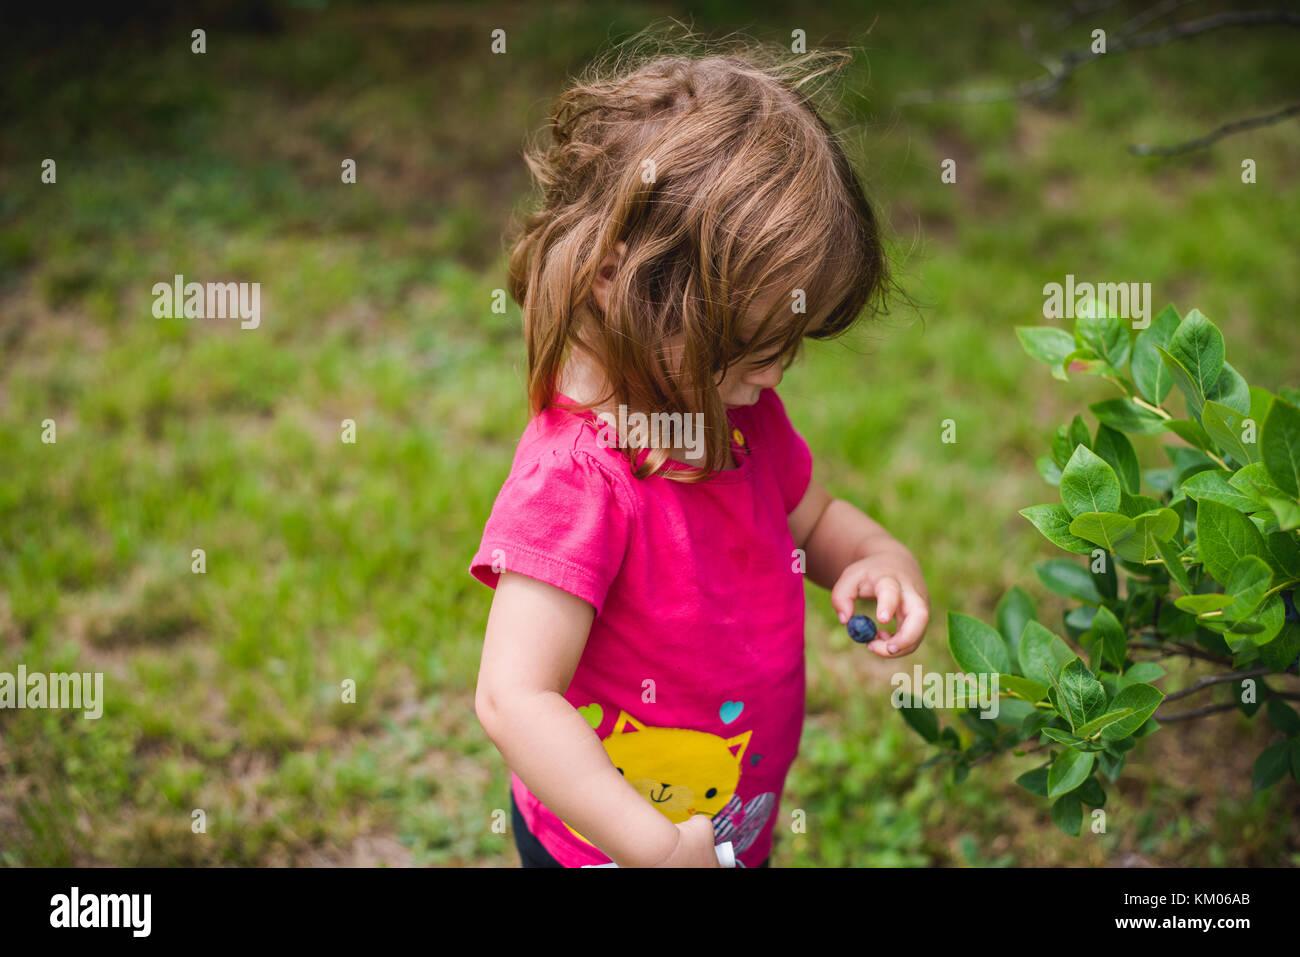 Ein junges Mädchen hält ein Blueberry neben das grössenmass Stockbild